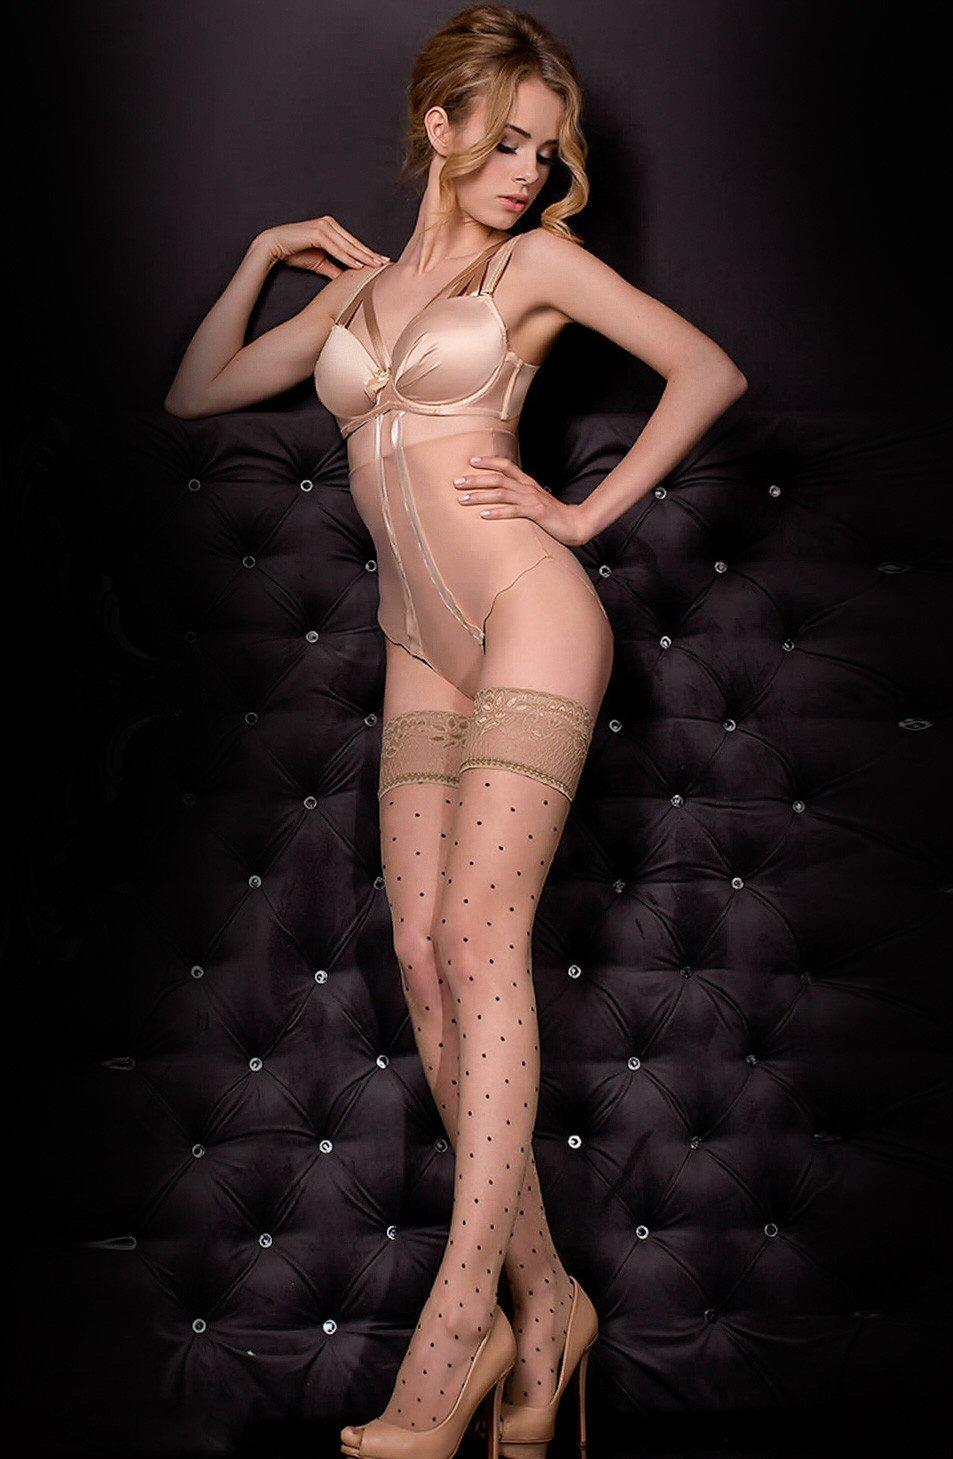 Ballerina Hosiery 15-01